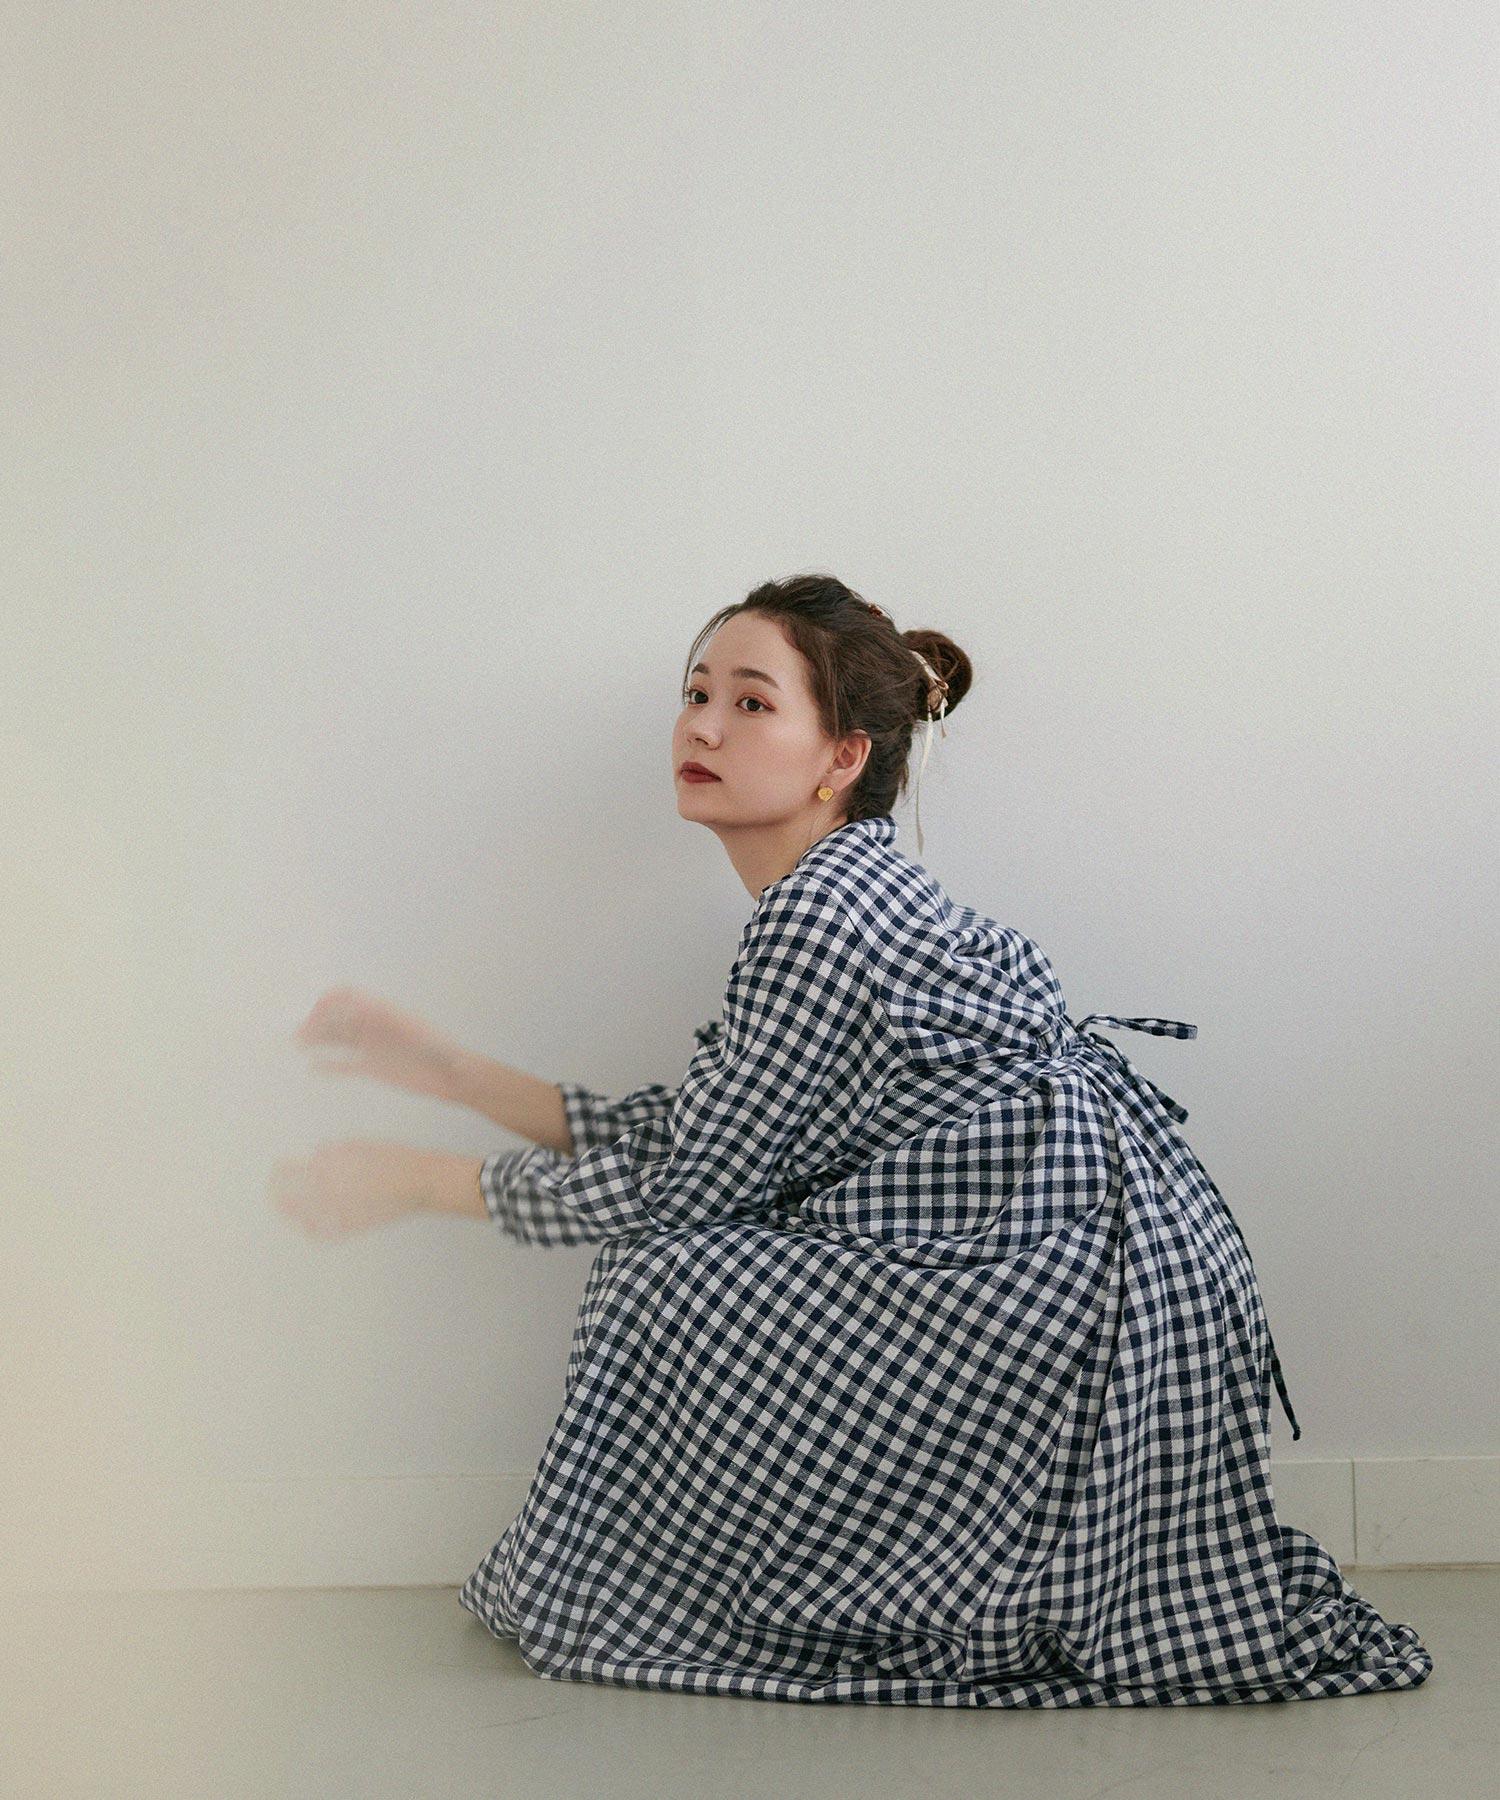 ワンピース ボリューム ギャザー Airi Kato Tina×mimi toujours